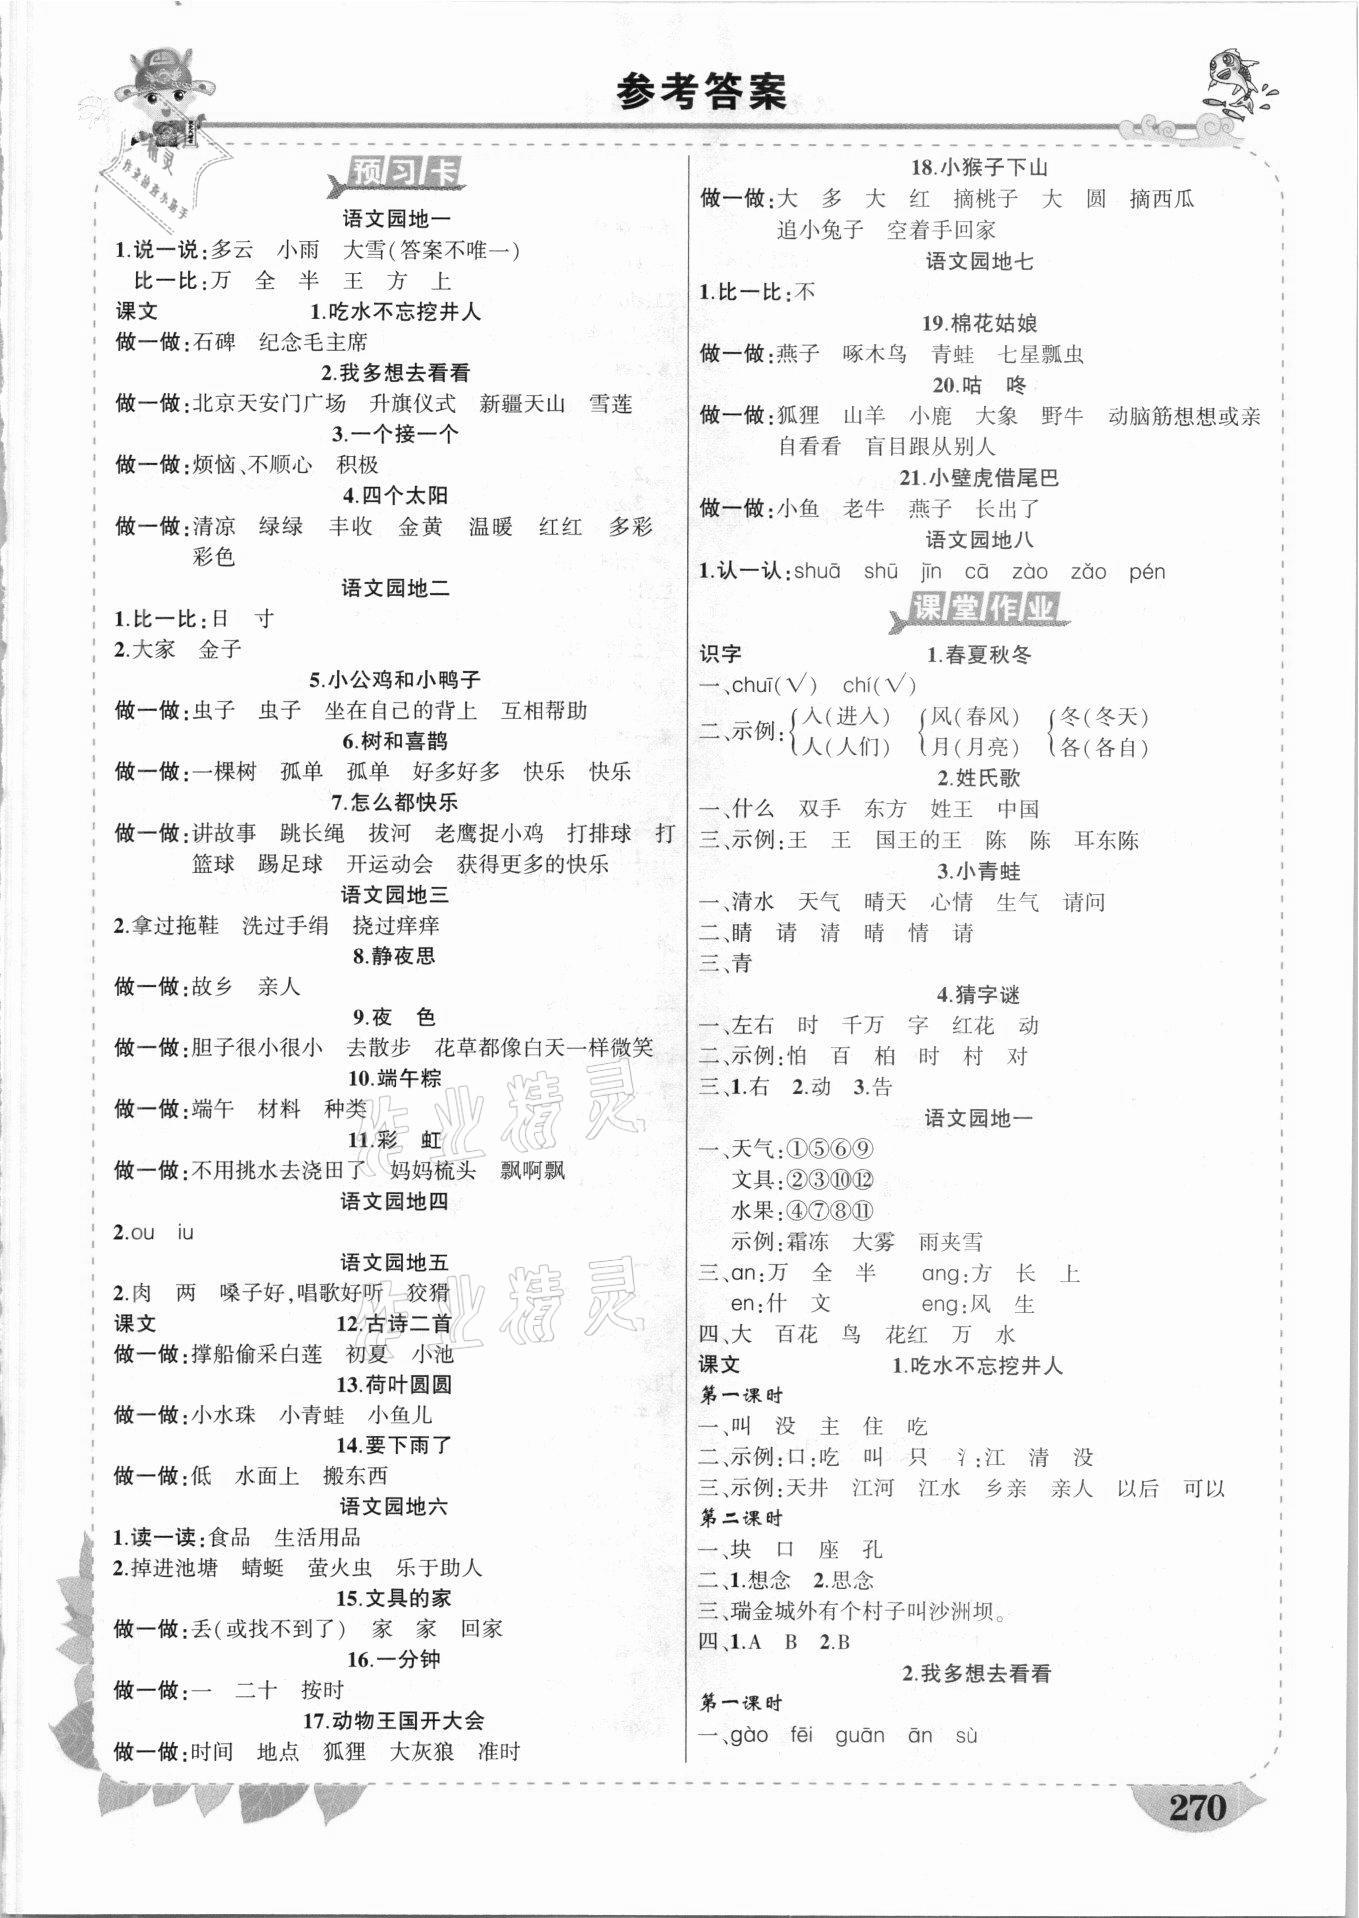 2021年黄冈状元成才路状元大课堂一年级语文下册人教版云南专版第1页